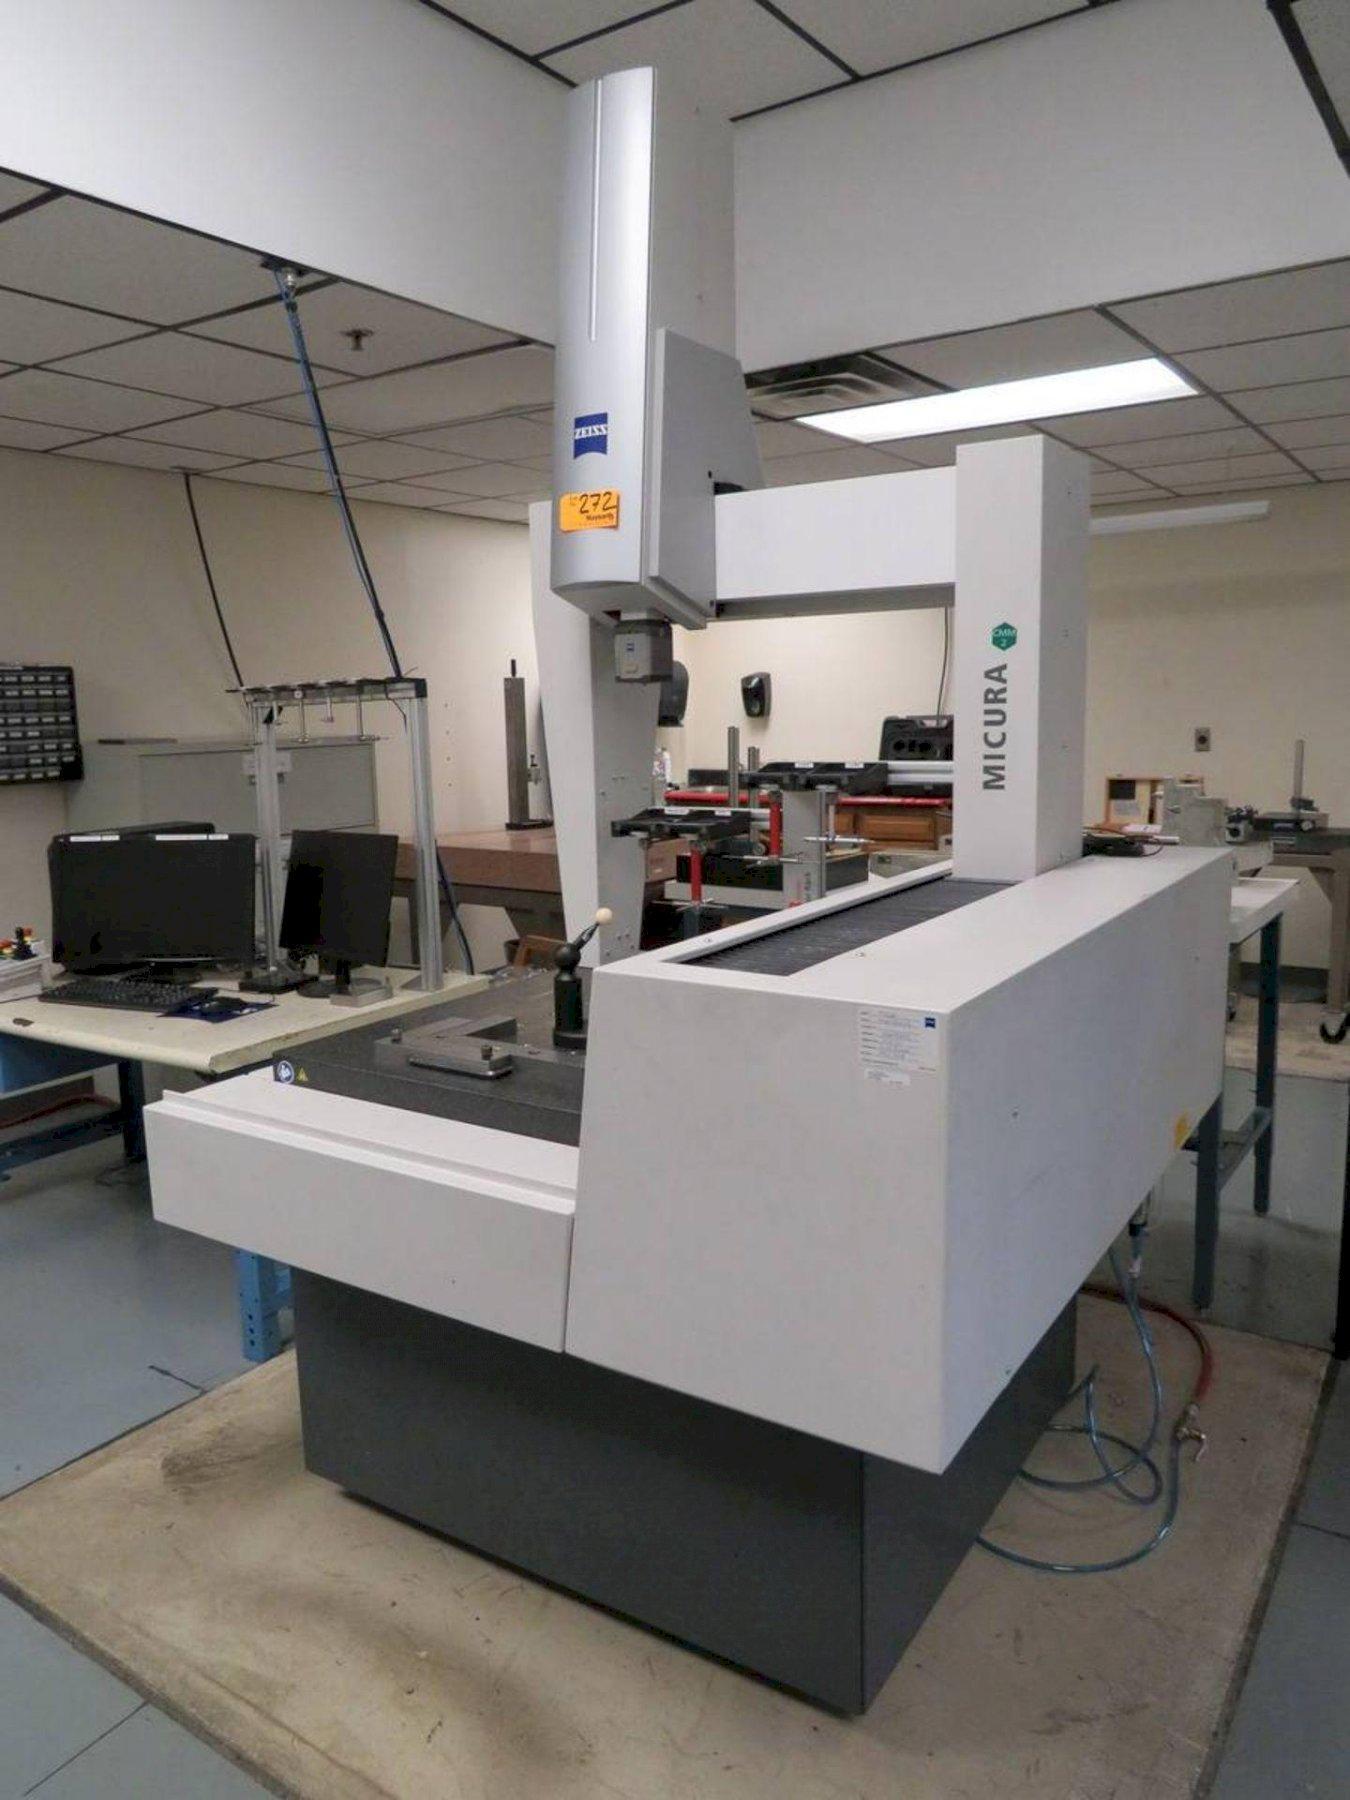 2019 Zeiss Micura 5/7/5 DCC Coordinate Measuring Machine (CMM)